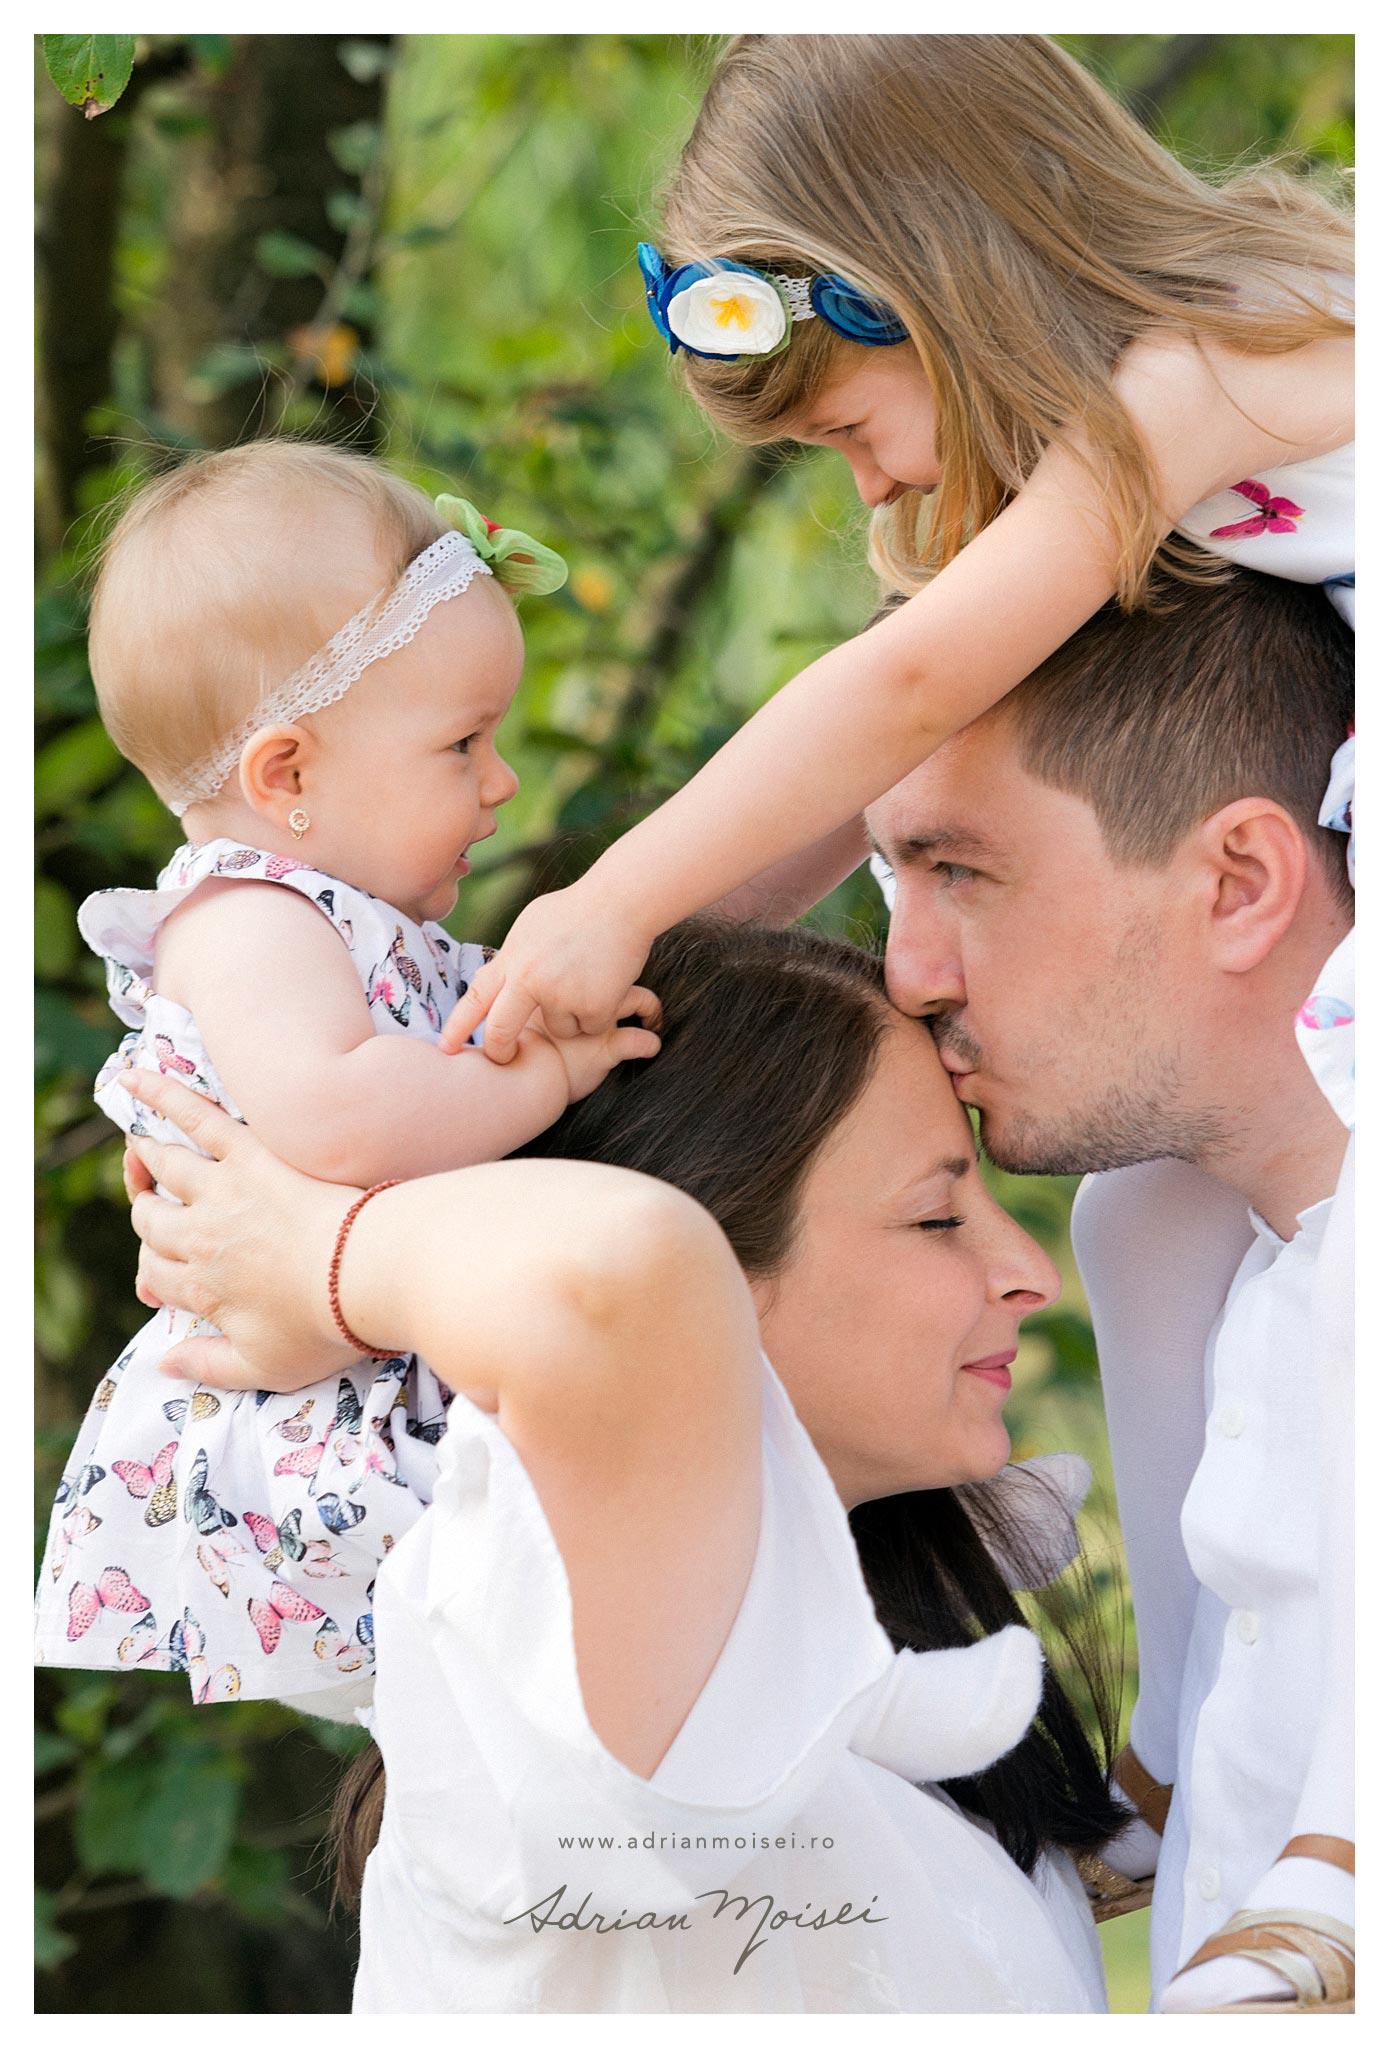 Fotografie  de bebelusi copii si familie in Iasi, Adrian Moisei fotograf